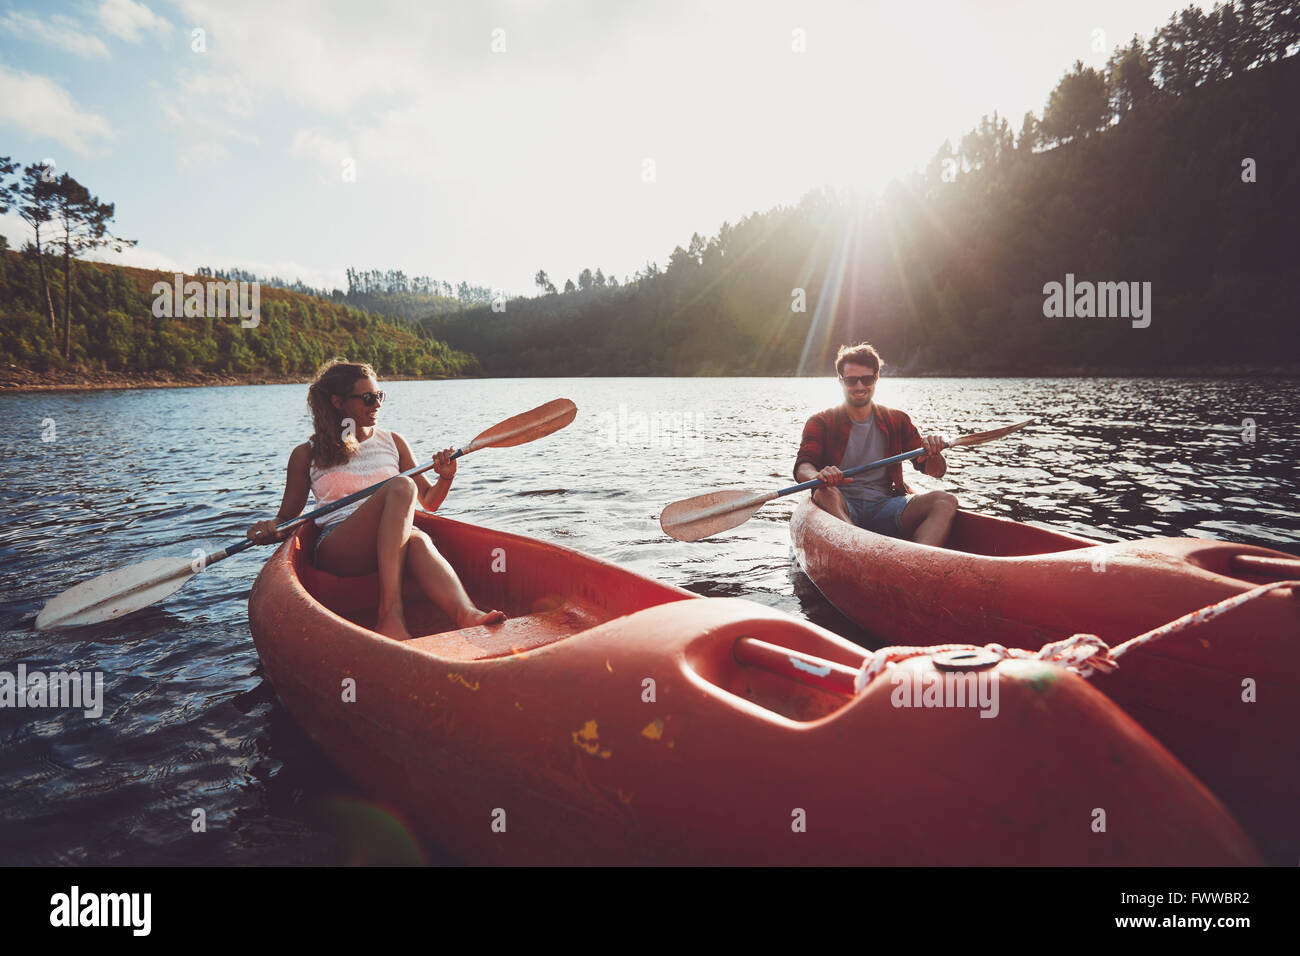 Junges Paar Kajakfahren auf dem See zusammen an einem Sommertag. Mann und Frau Kanu an einem sonnigen Tag. Genießen Stockbild